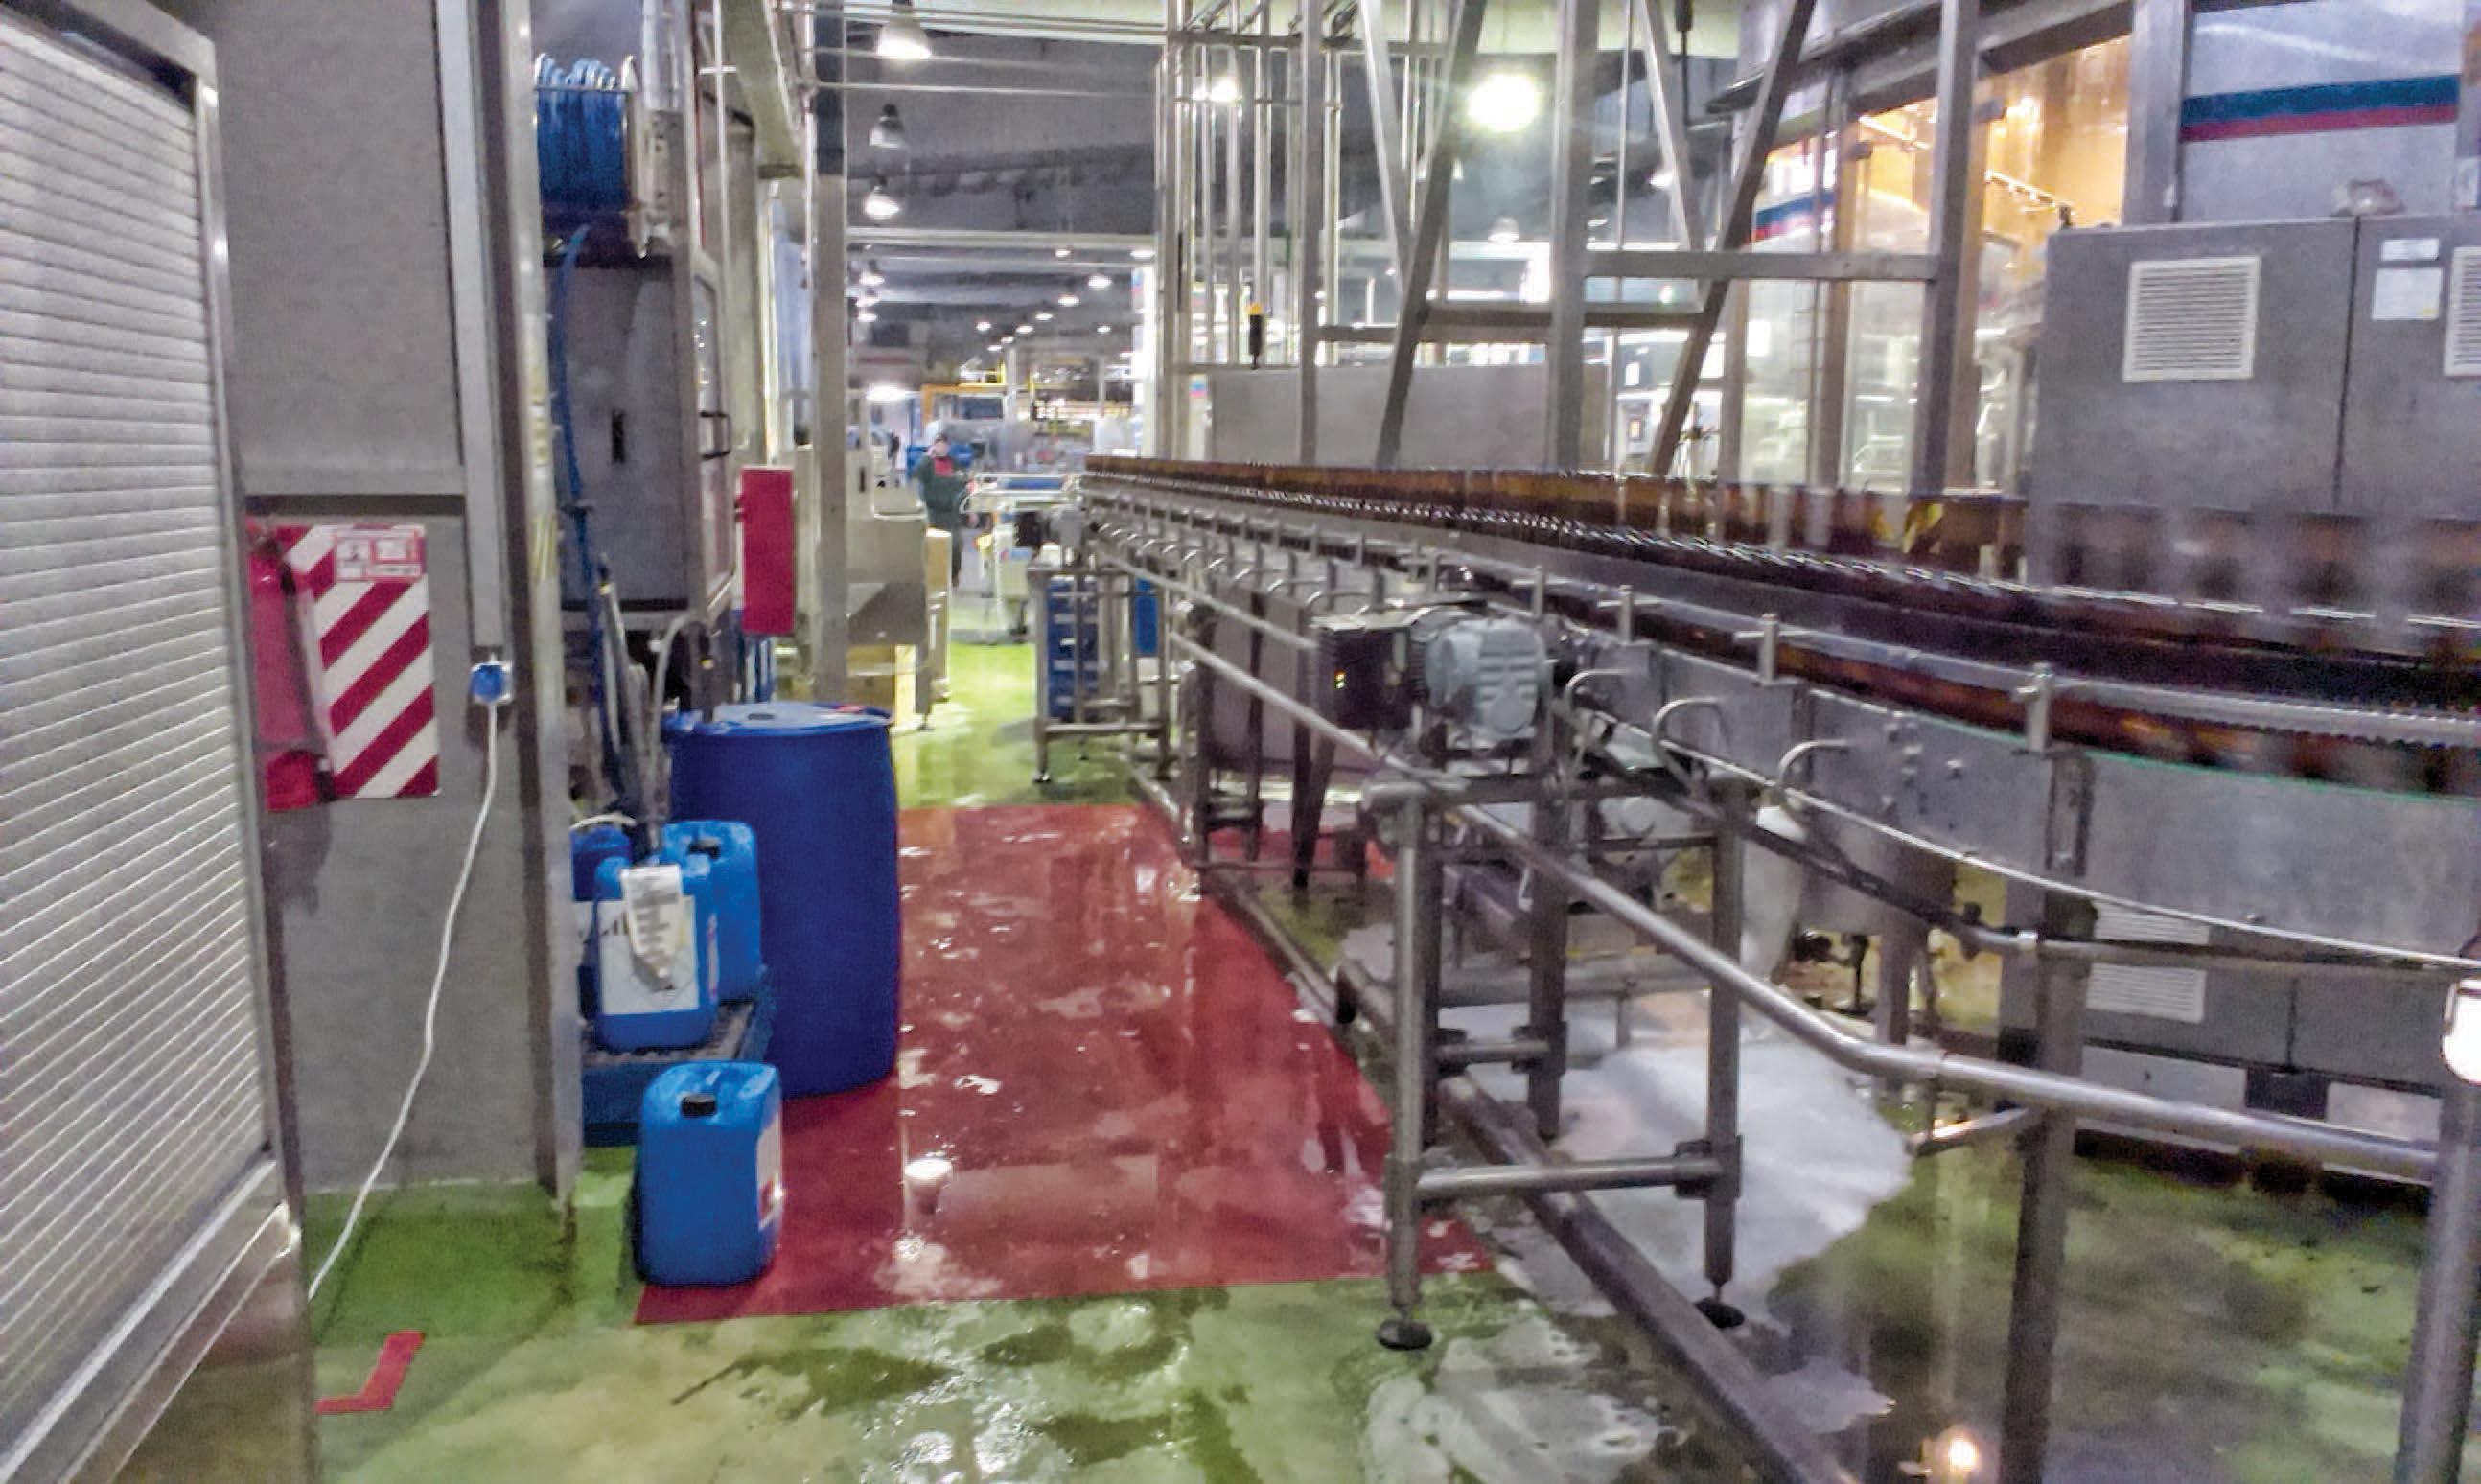 Sikafloor®-PurCem®: Duritate, Igienă, Rezistență, Sustenabilitate - Pardoseli Sikafloor-PurCem pentru spatii de productie in industria alimentara